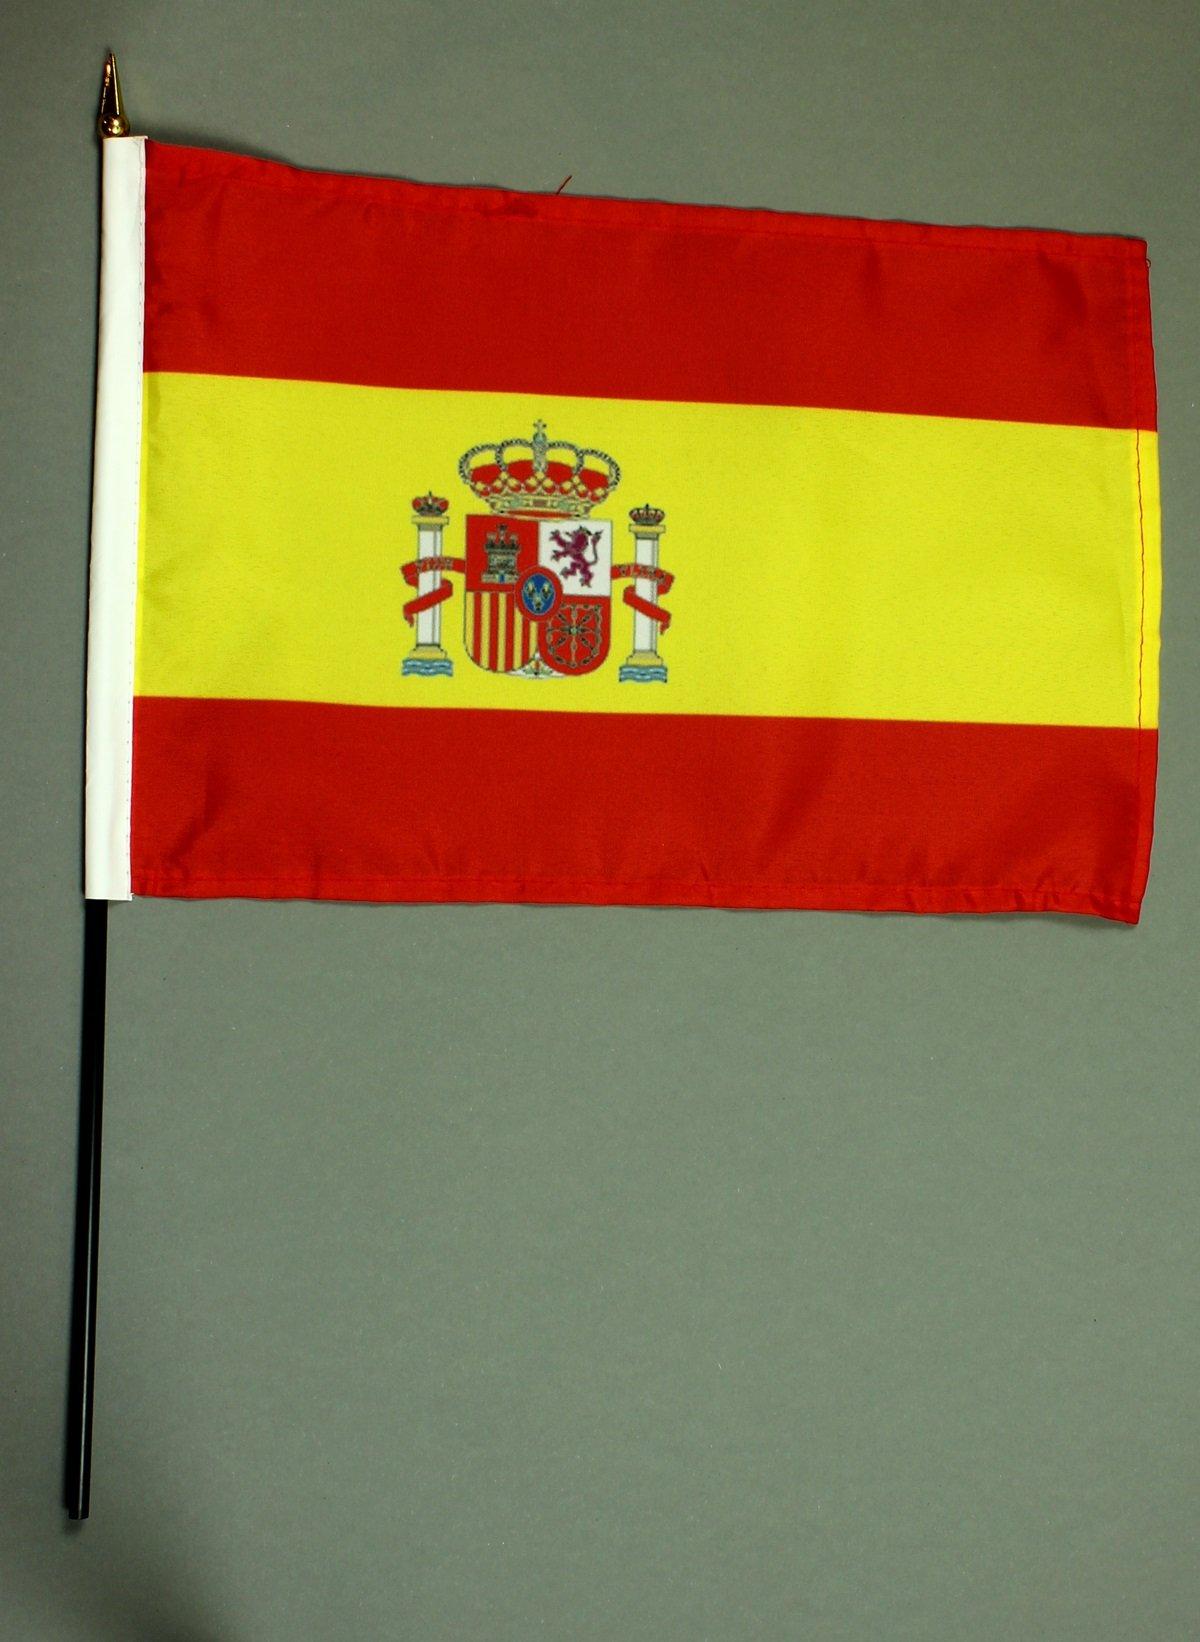 Bandera de España Bandera de mesa 20 x 30 cm y 42 cm de mástil de pvc-tubo, con soporte de pie de madera maciza, Mee: Amazon.es: Deportes y aire libre